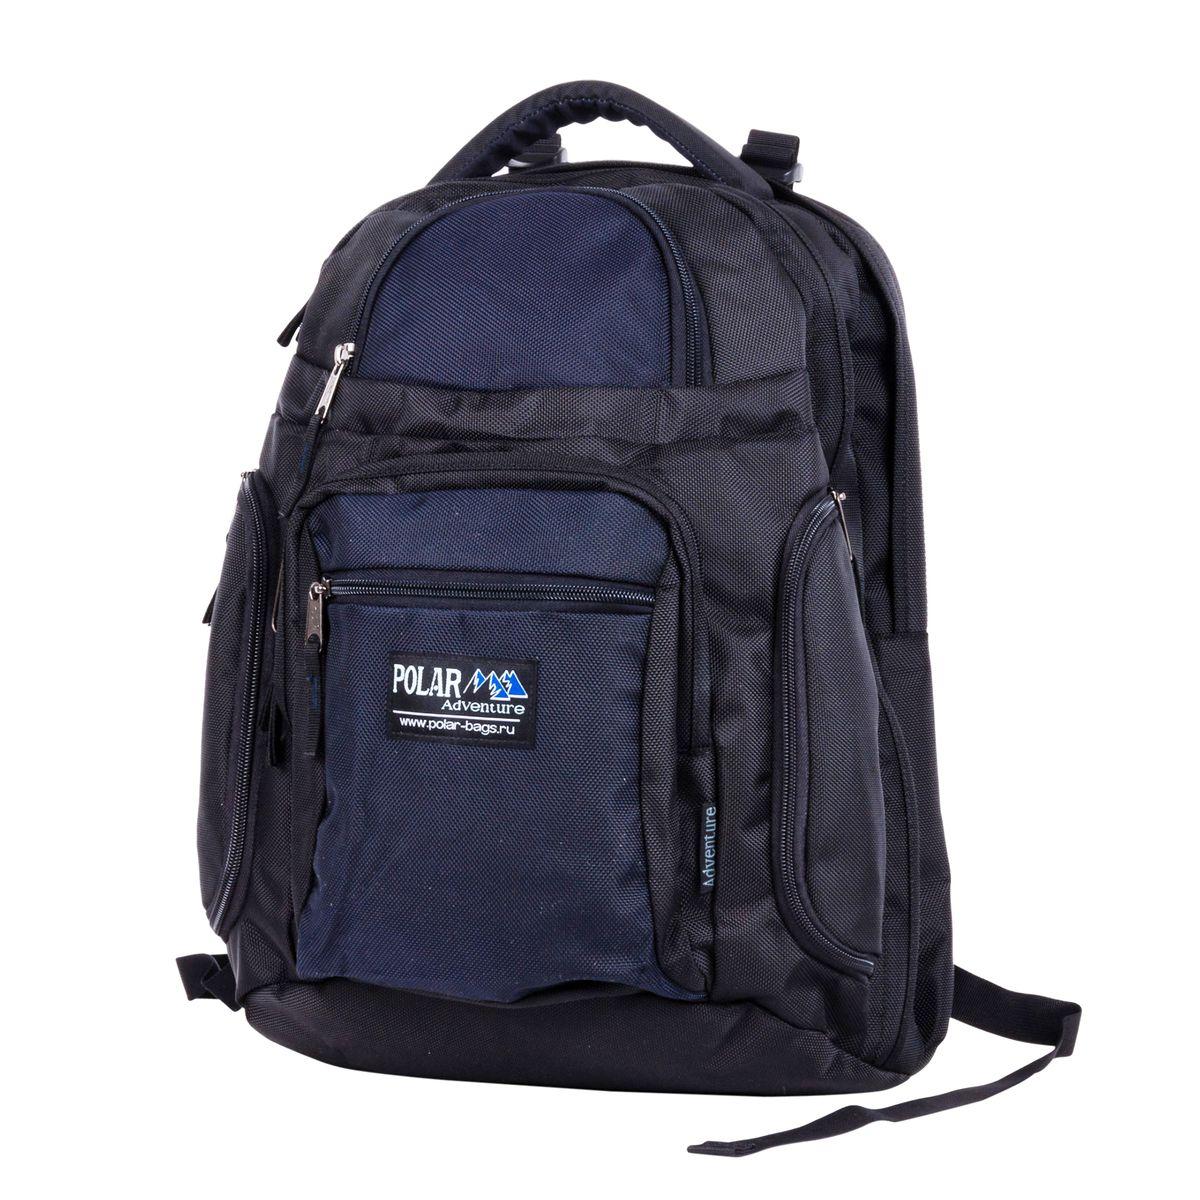 Рюкзак городской Polar, 35,5 л, цвет: синий. П1063-041130_8490Материал – высокопрочный полиэстер с водоотталкивающей пропиткой. Недорогой рюкзак для Вашего ноутбука. Жесткая спинка с вертикальными вставками из пены и трикотажной сетки для лучшей циркуляции воздуха, удобные лямки с дополнительной поясничной стяжкой, уменьшат нагрузку на спину и сделают рюкзак очень удобным и комфортным при эксплуатации. Отделение для ноутбука с дополнительными карманами для всего самого необходимого (зарядное устройство, мышка) + отделение для рабочих документов формата А4, папок или ваших вещей. Два боковых кармана на молнии. Вместительный карман с органайзером и карабином для ключей. Два кармана на молнии для мелких предметов. Вместительный и очень удобный рюкзак позволит вам взять с собой все необходимое как для вашего портативного компьютера, так и для себя. Материал: Cordura PU 1000D.